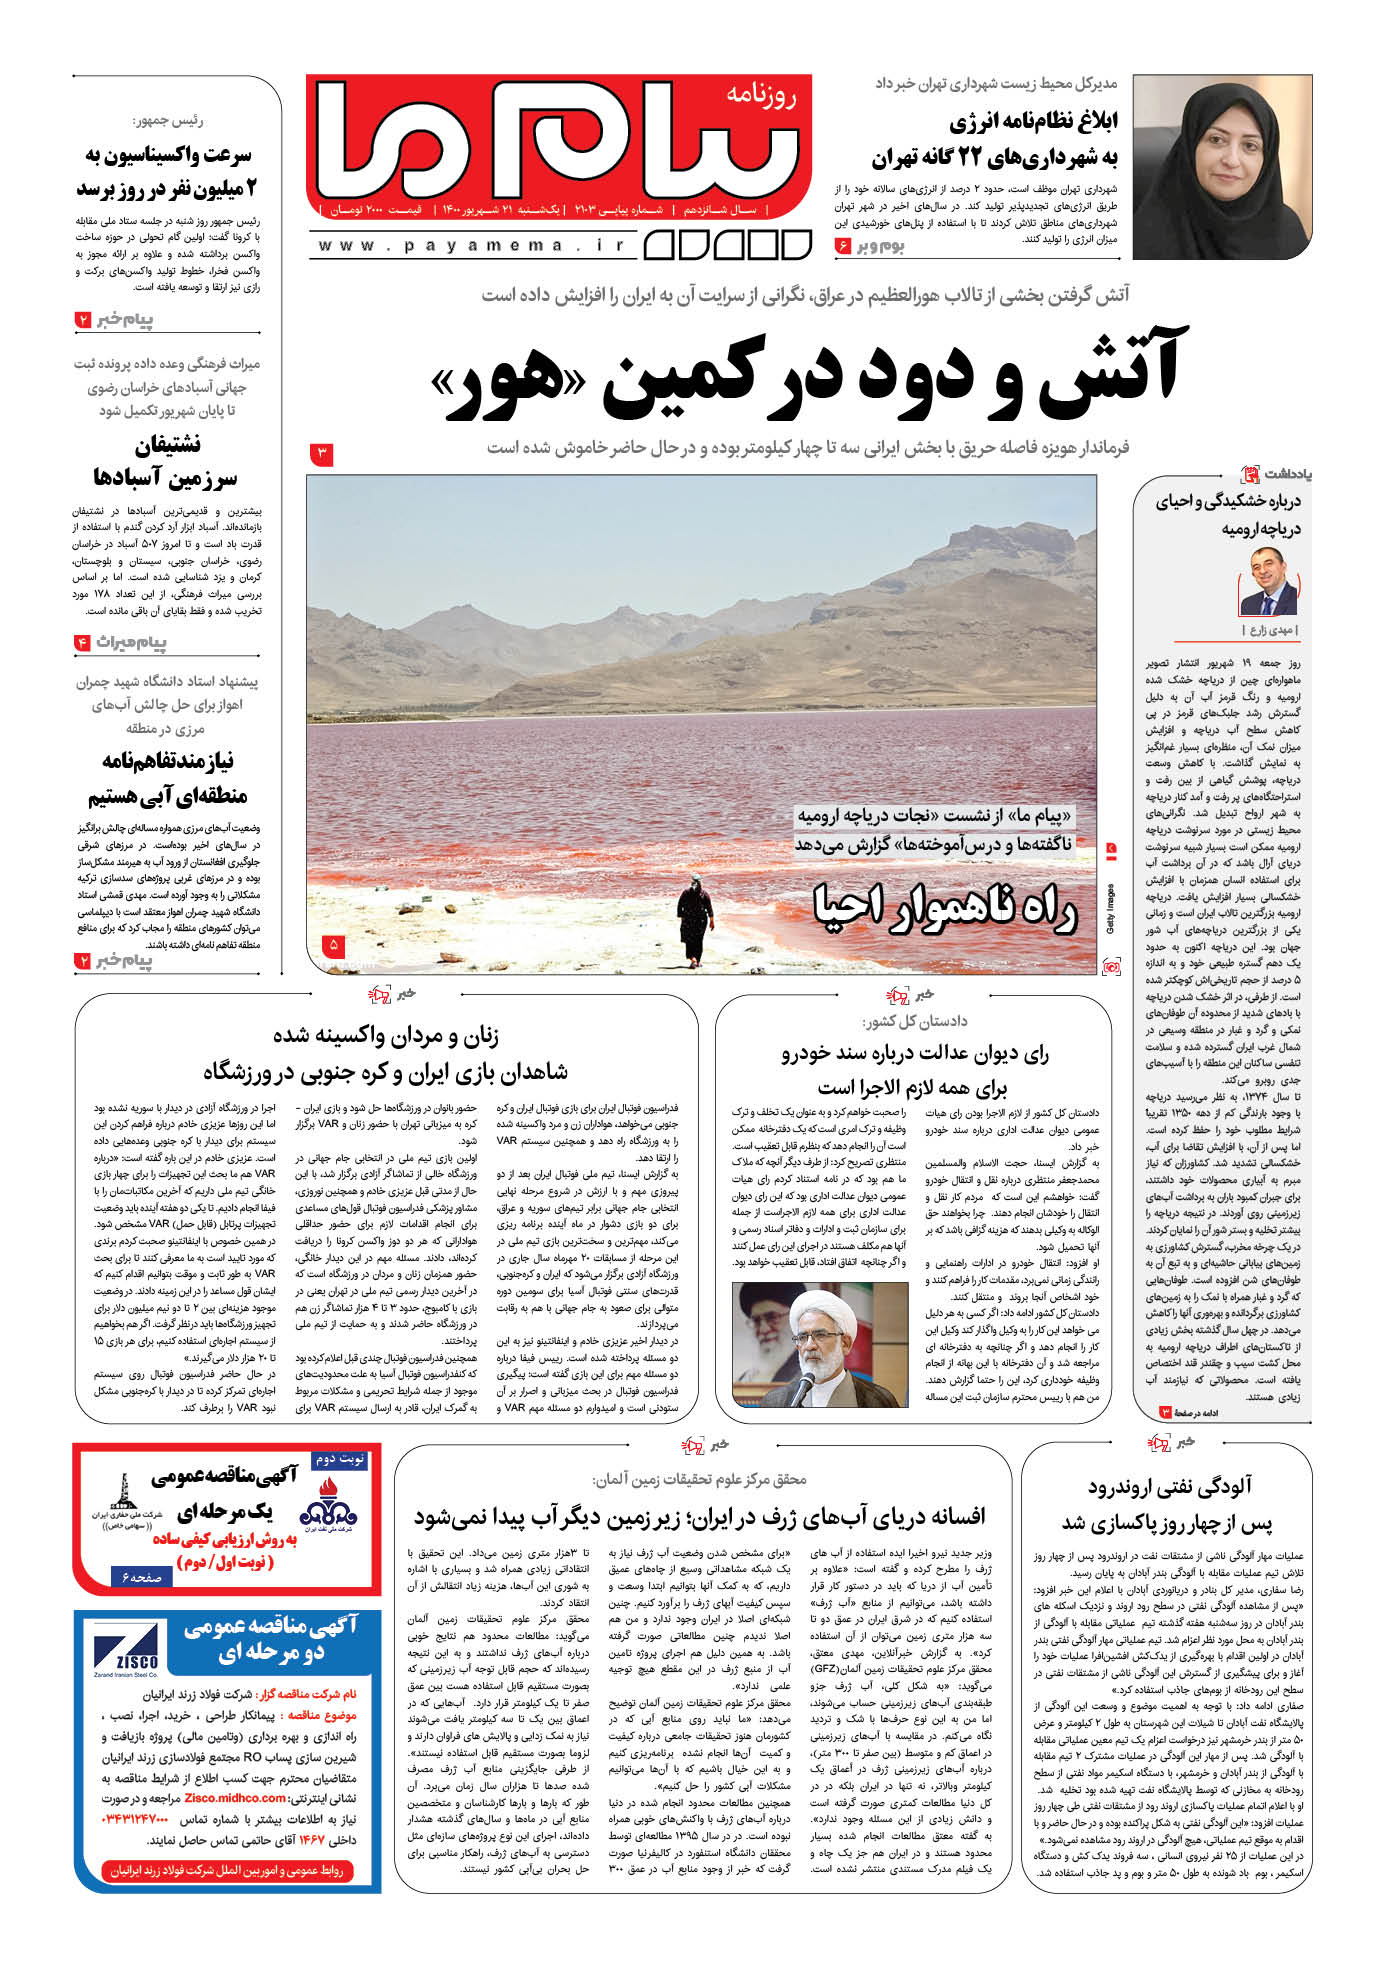 صفحه اول شماره 2103 روزنامه پیام ما